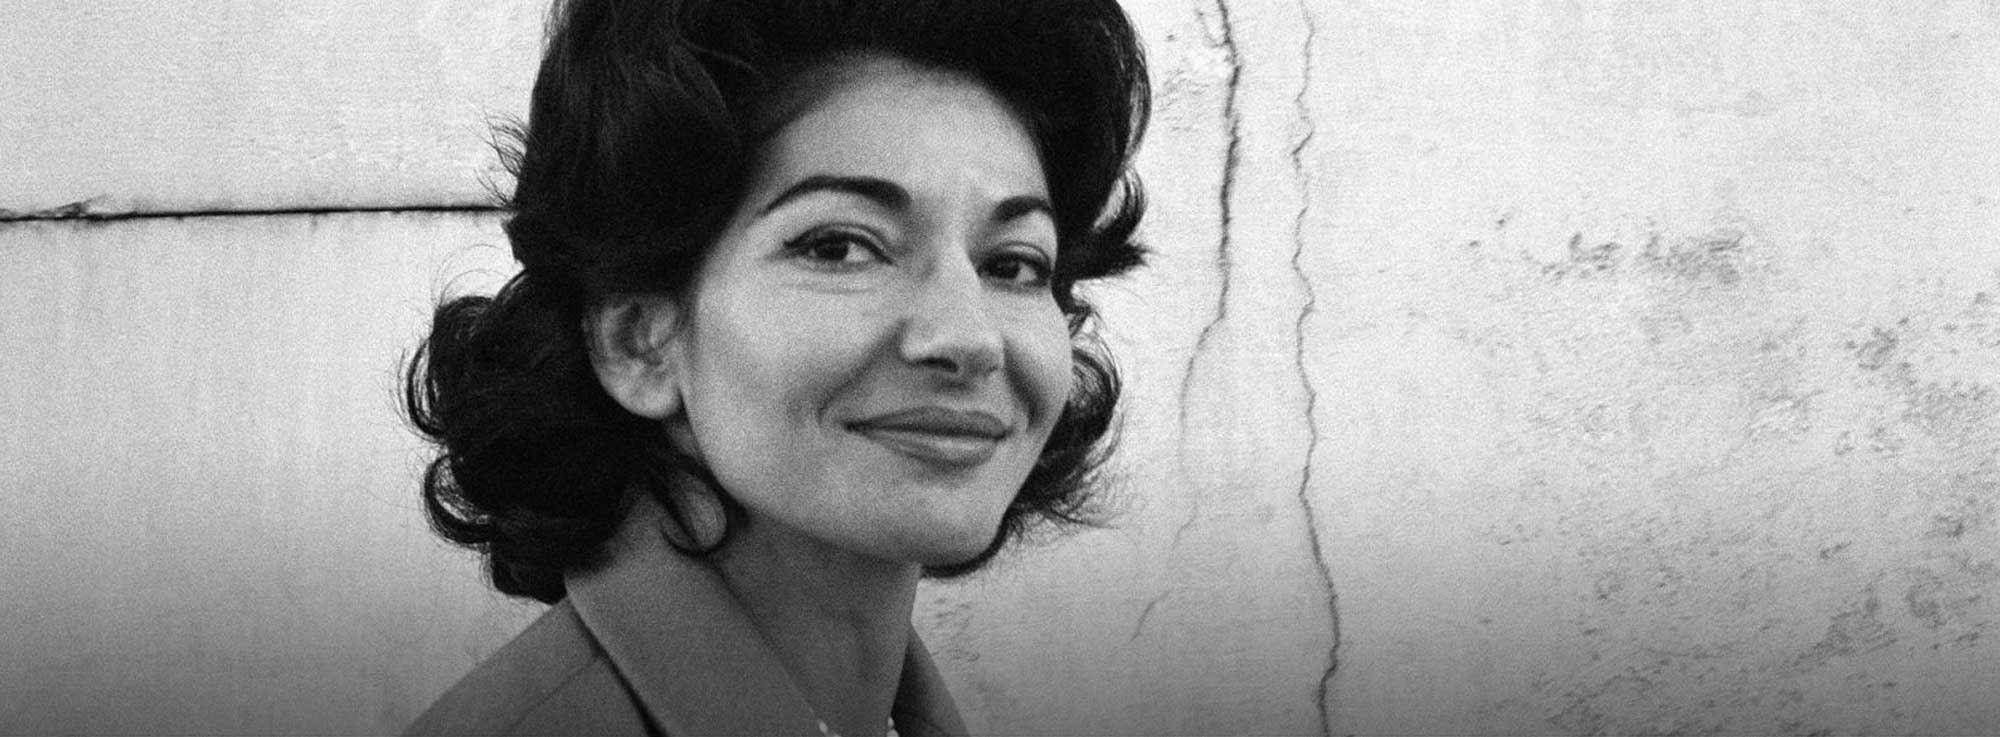 Martina Franca: Maria Callas, il mito. La sua storia a modo nostro